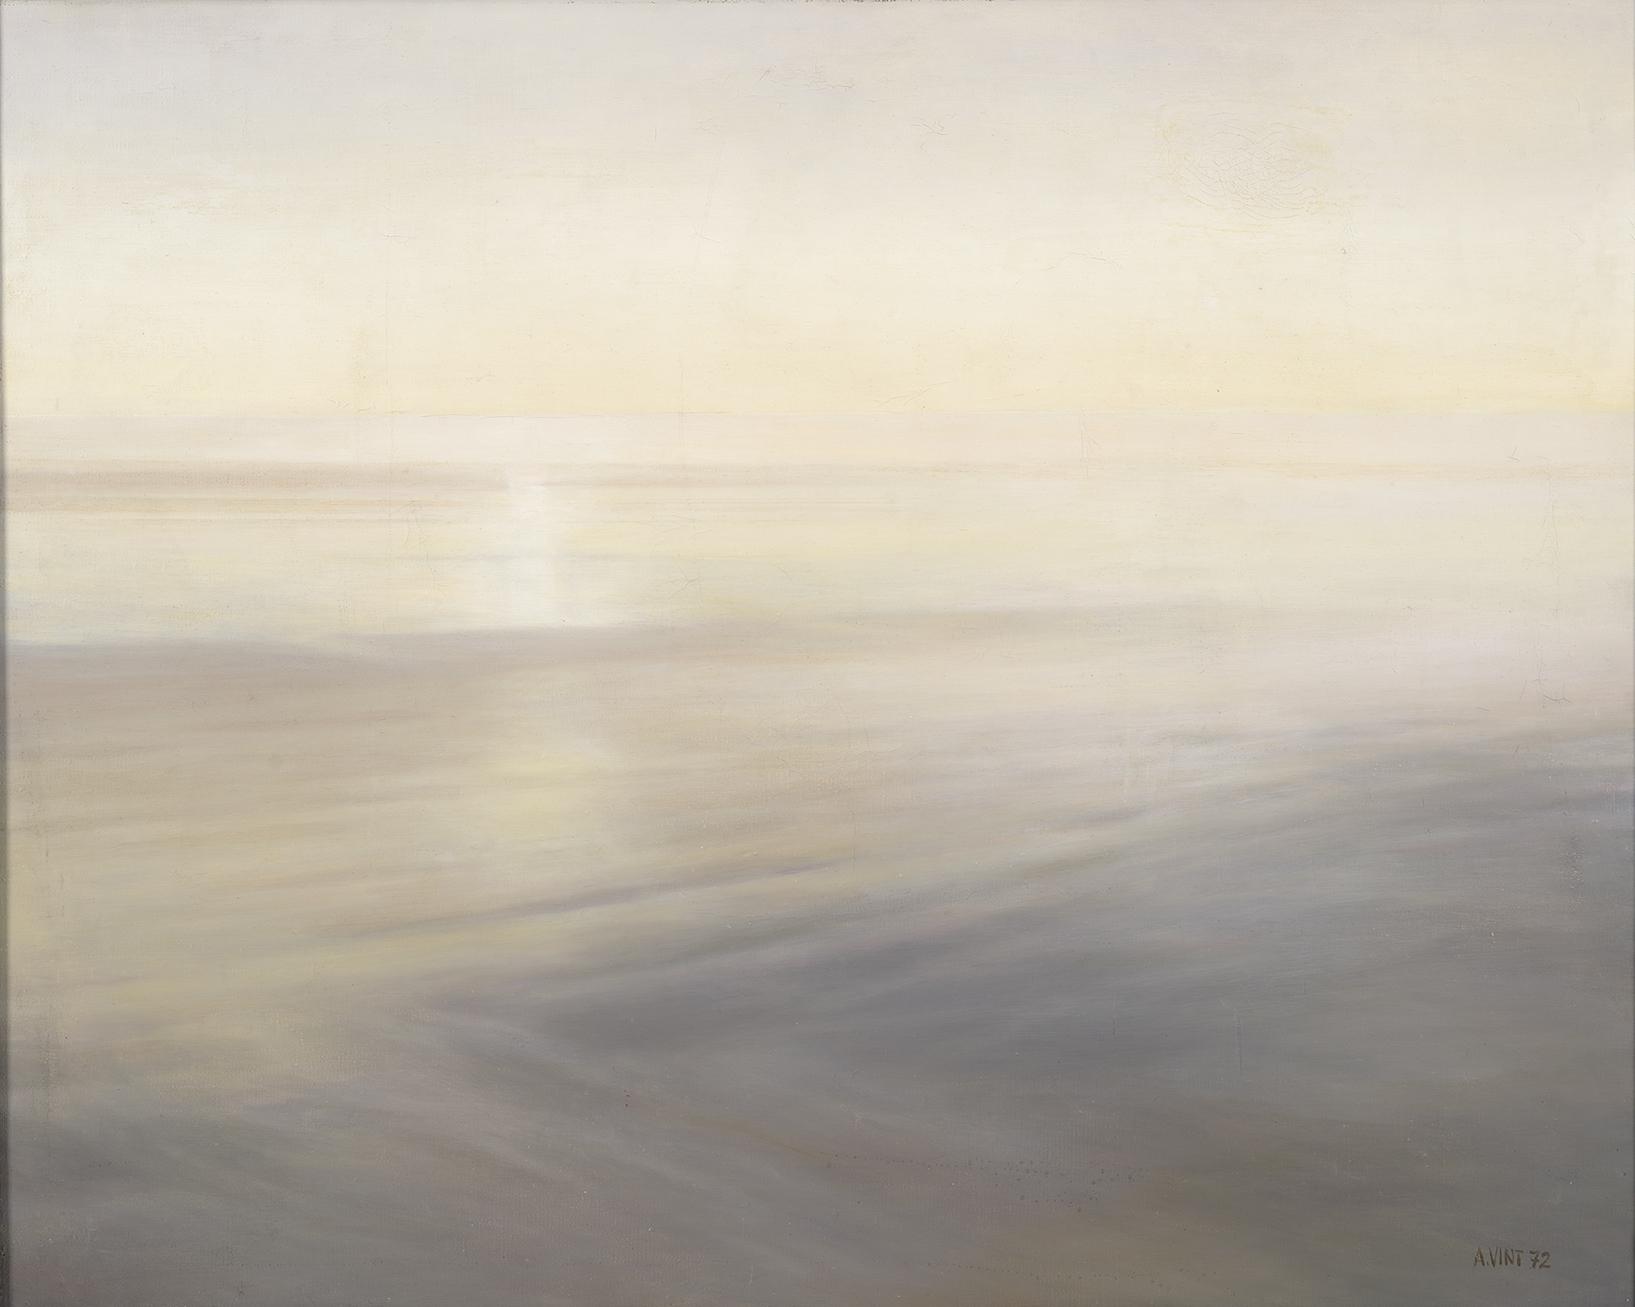 010   Shallow Sea 1972 oil on canvas  92 x 115 cm Tartu Art Museum 13-ATD madal meri.jpg